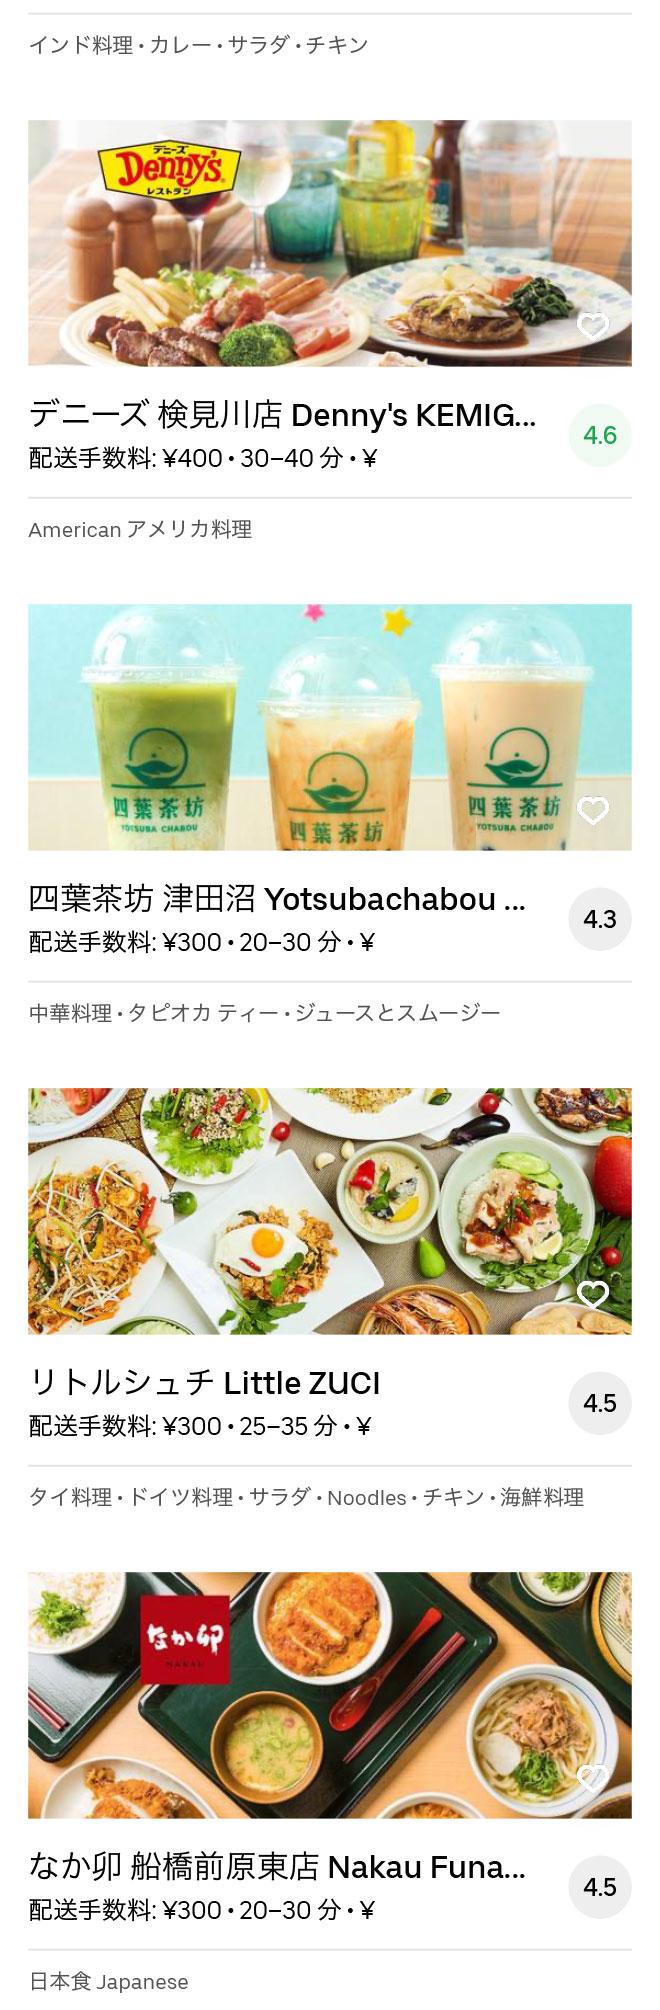 Narashino ookubo menu 2004 06